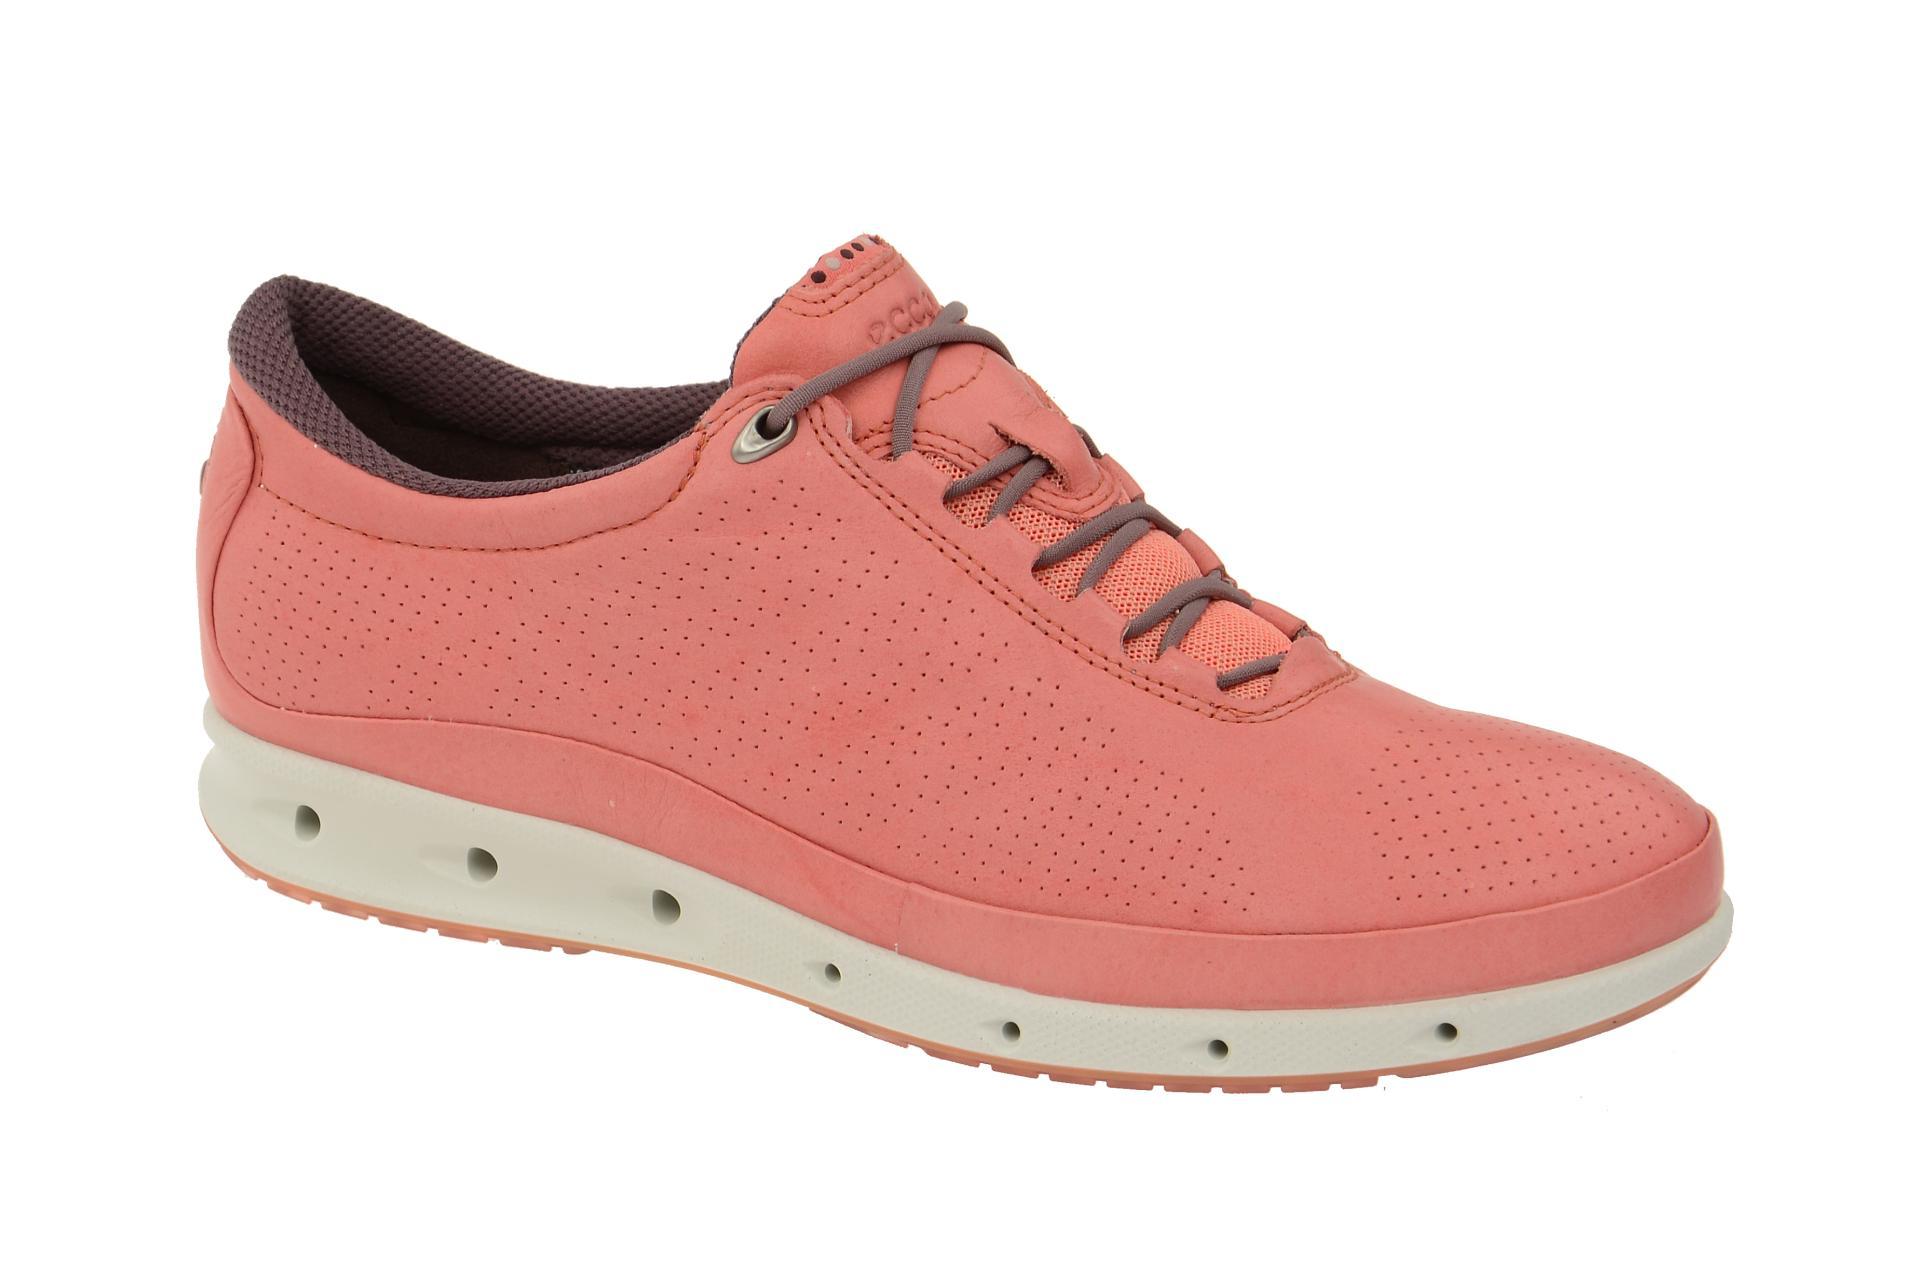 3380b5c594e8c0 Ecco Cool Schuhe rosa coral GORE-TEX - Schuhhaus Strauch Shop